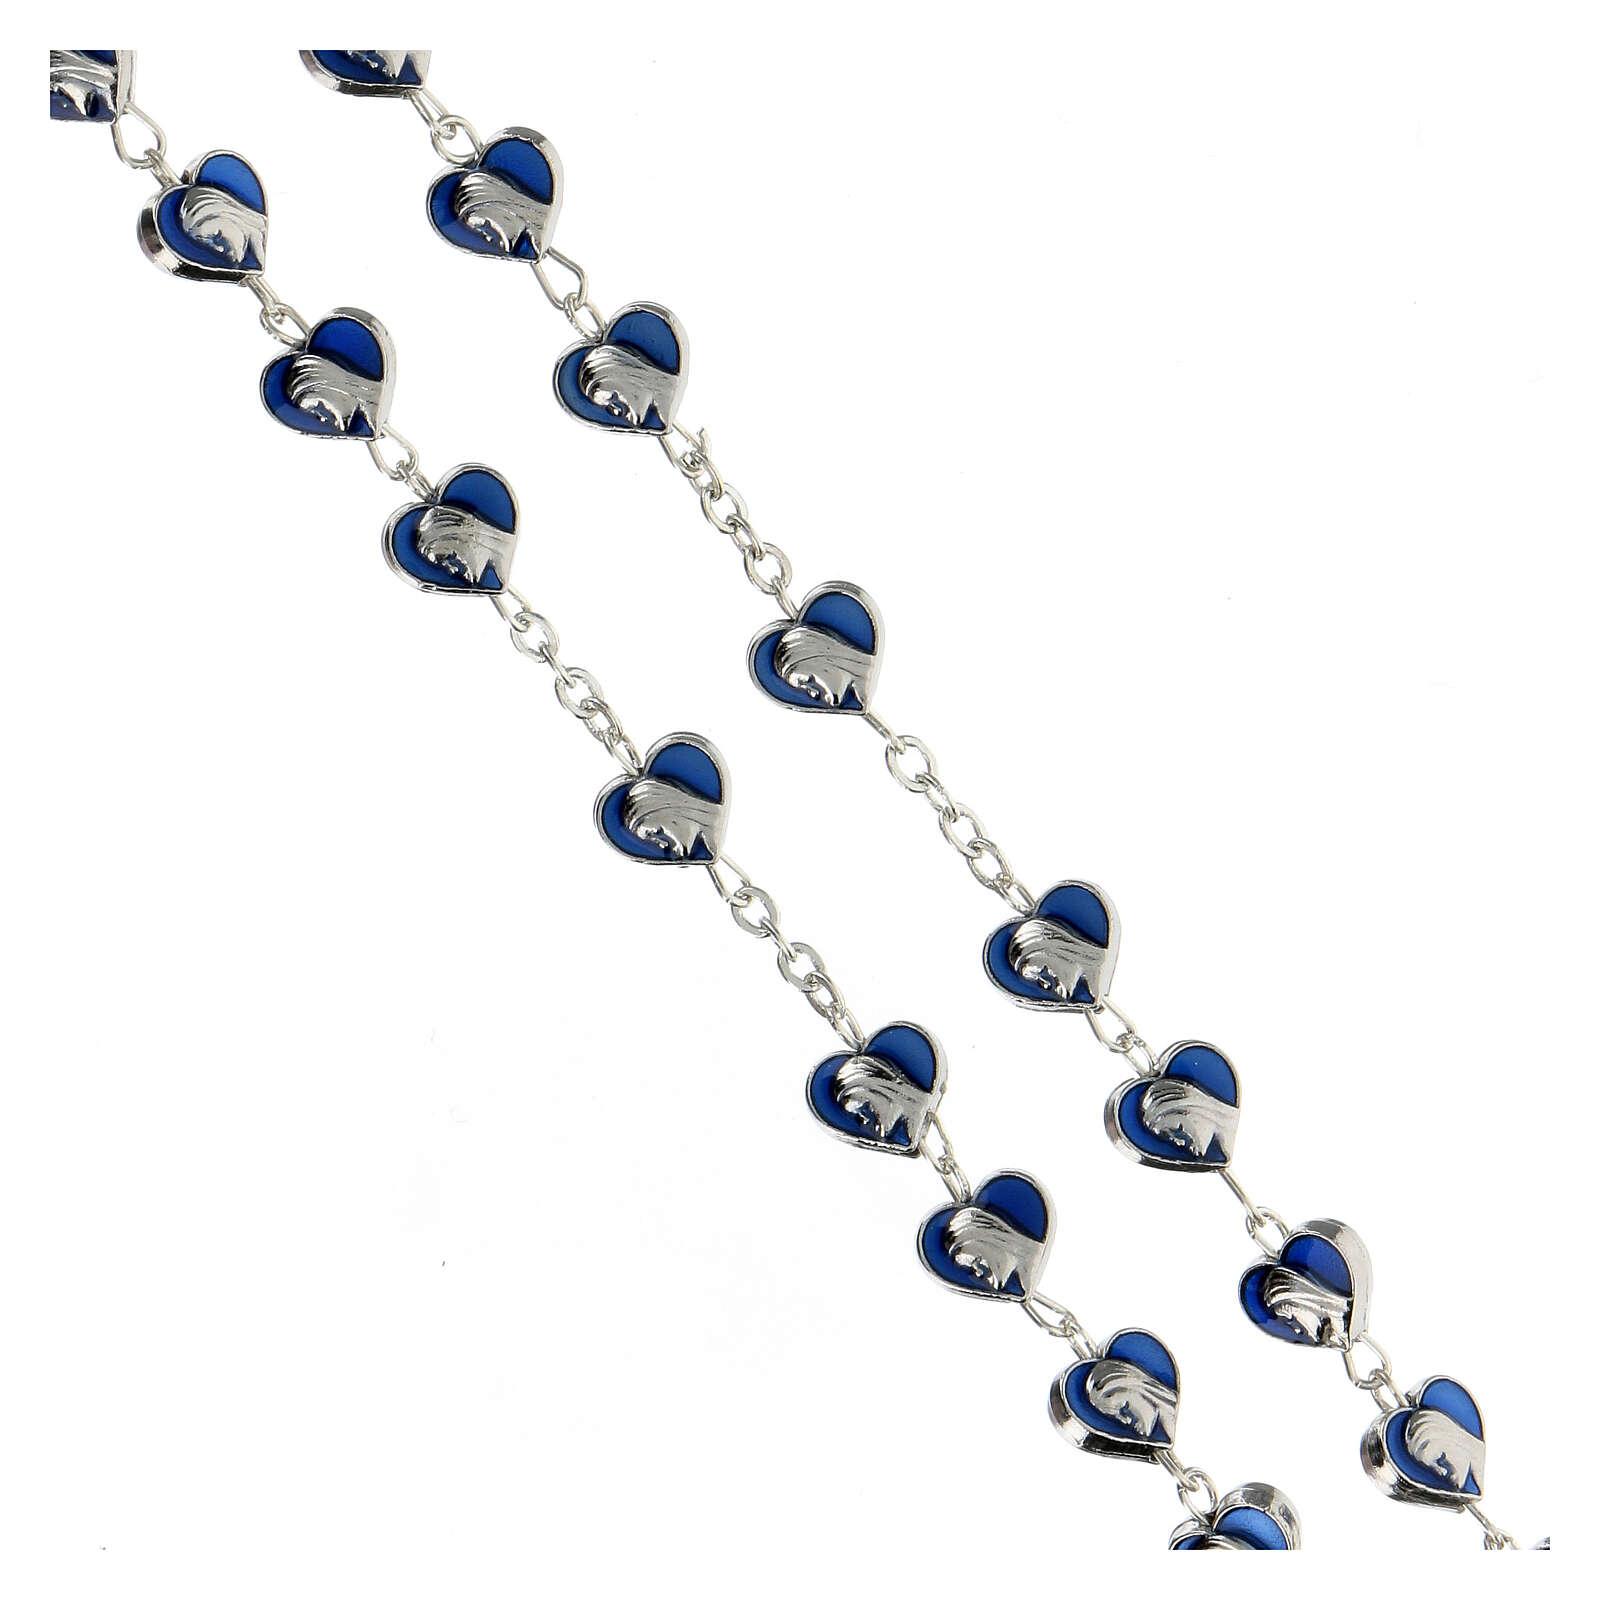 Chapelet en métal avec grains coeur 7 mm Médaille Miraculeuse émaillés bleus 4